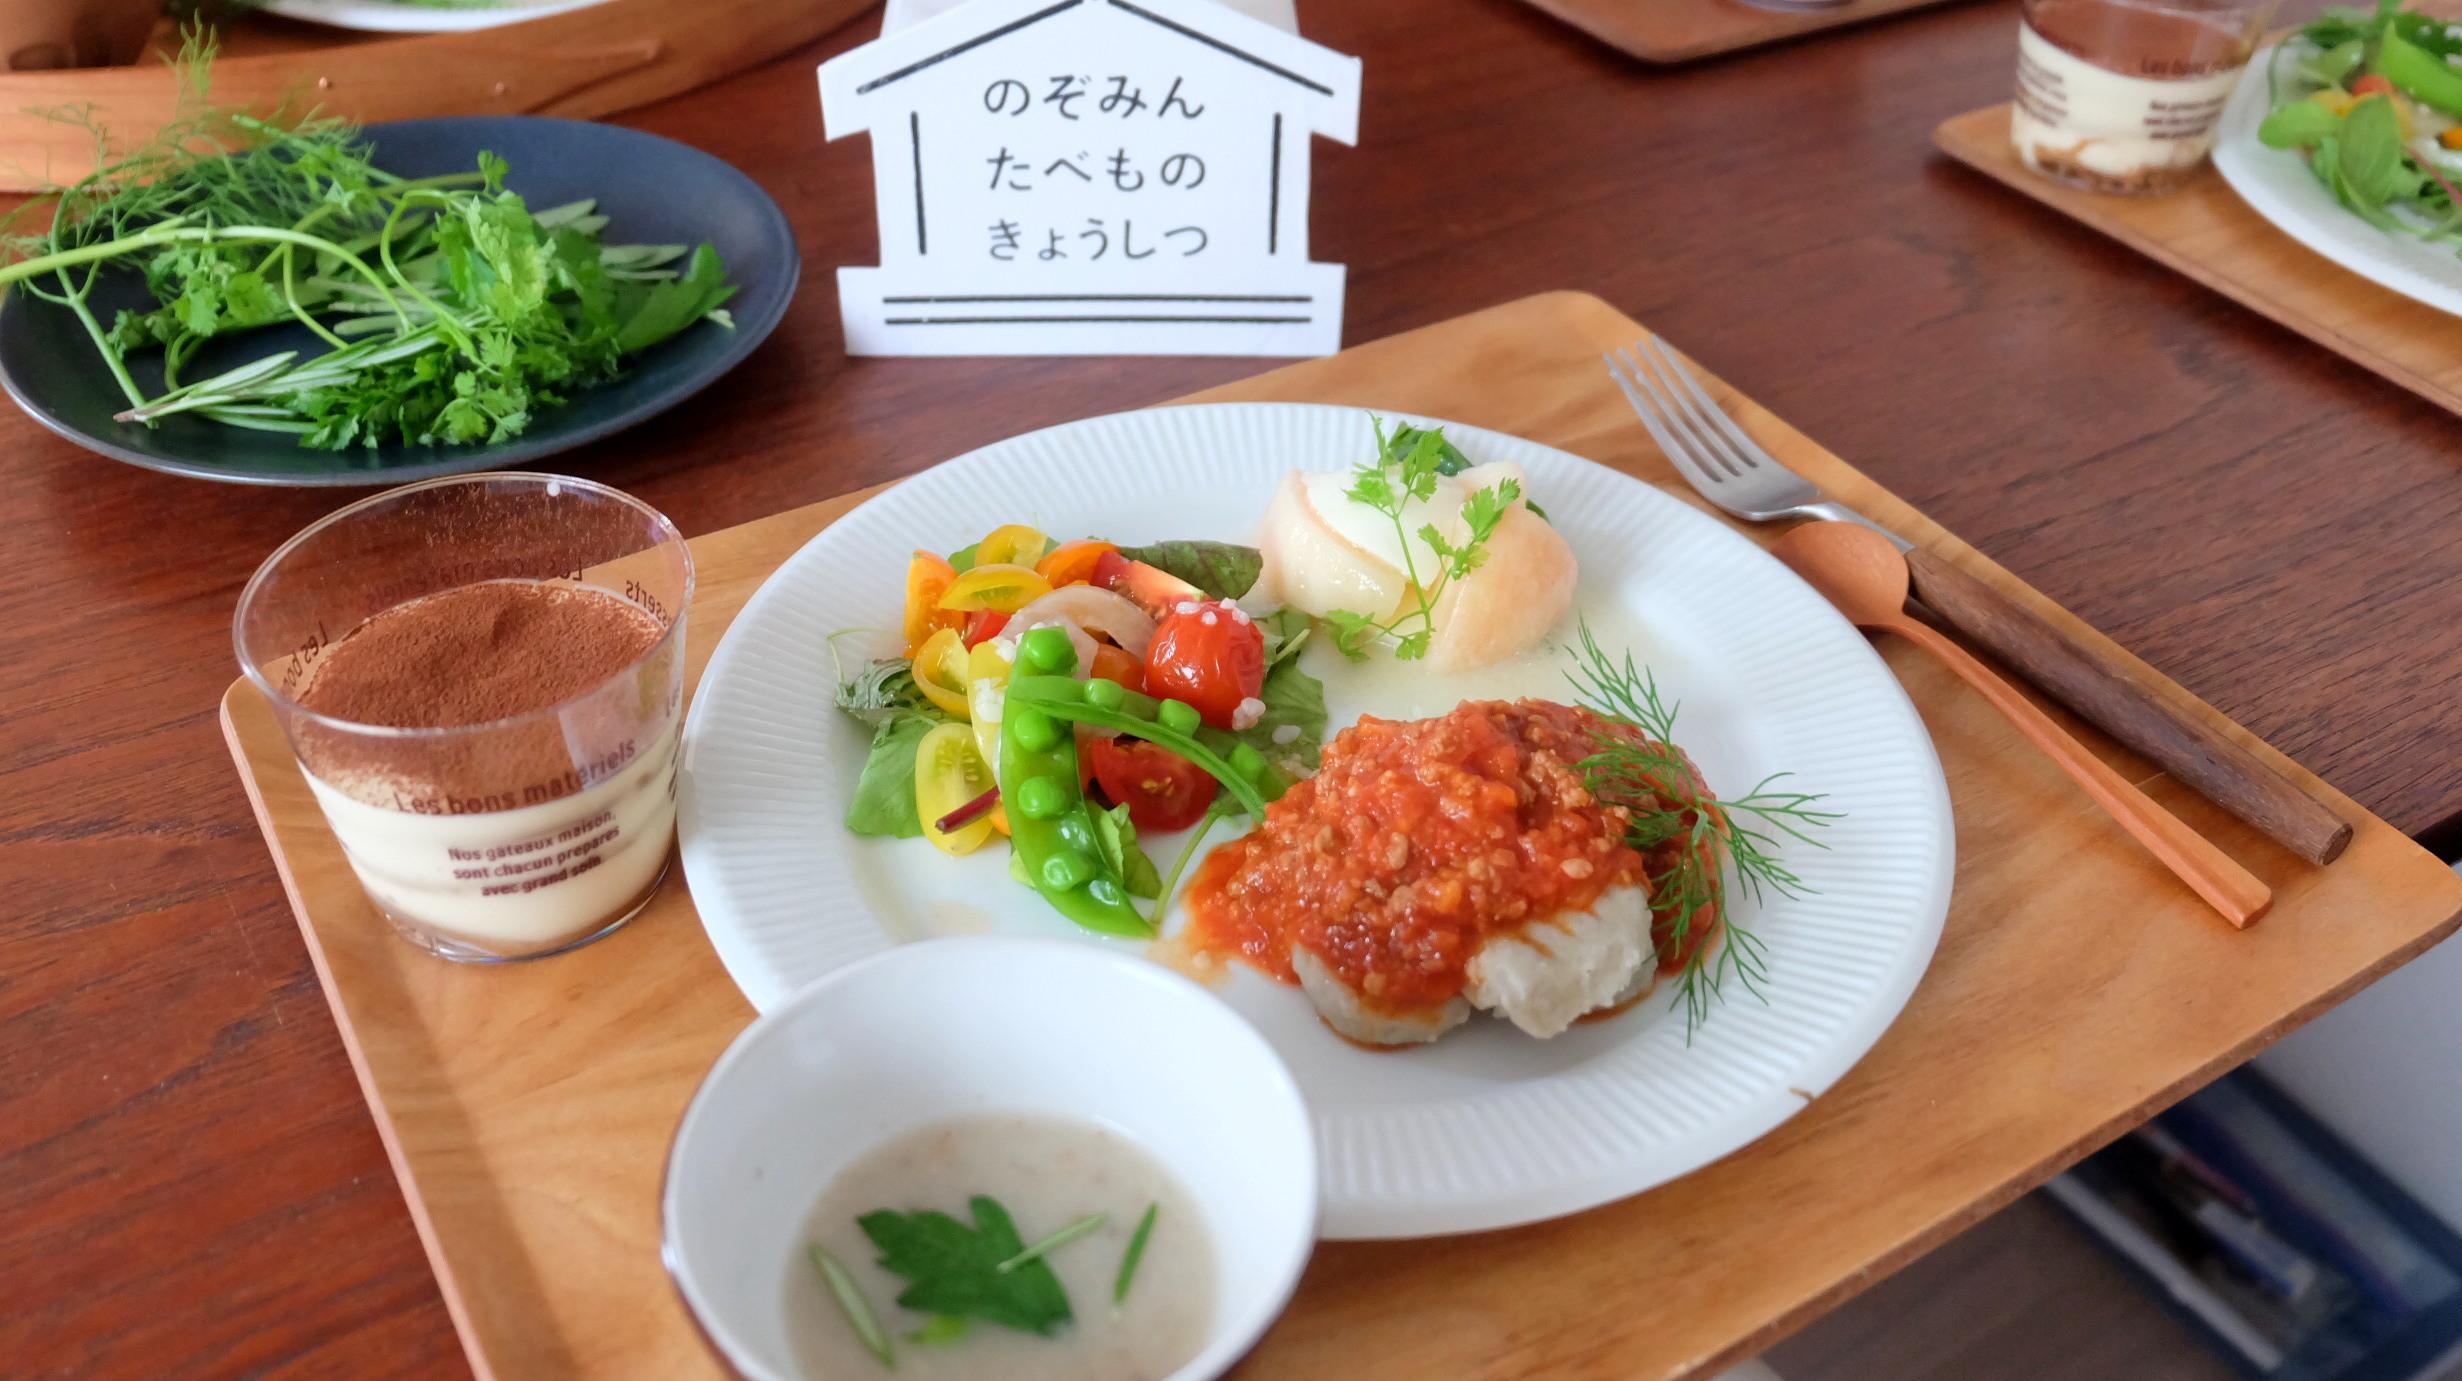 聞いて学んで、作って楽しく、食べておいしい。7月14日(日)は盛りだくさんのワークショップ「発酵deイタリアン」でした。